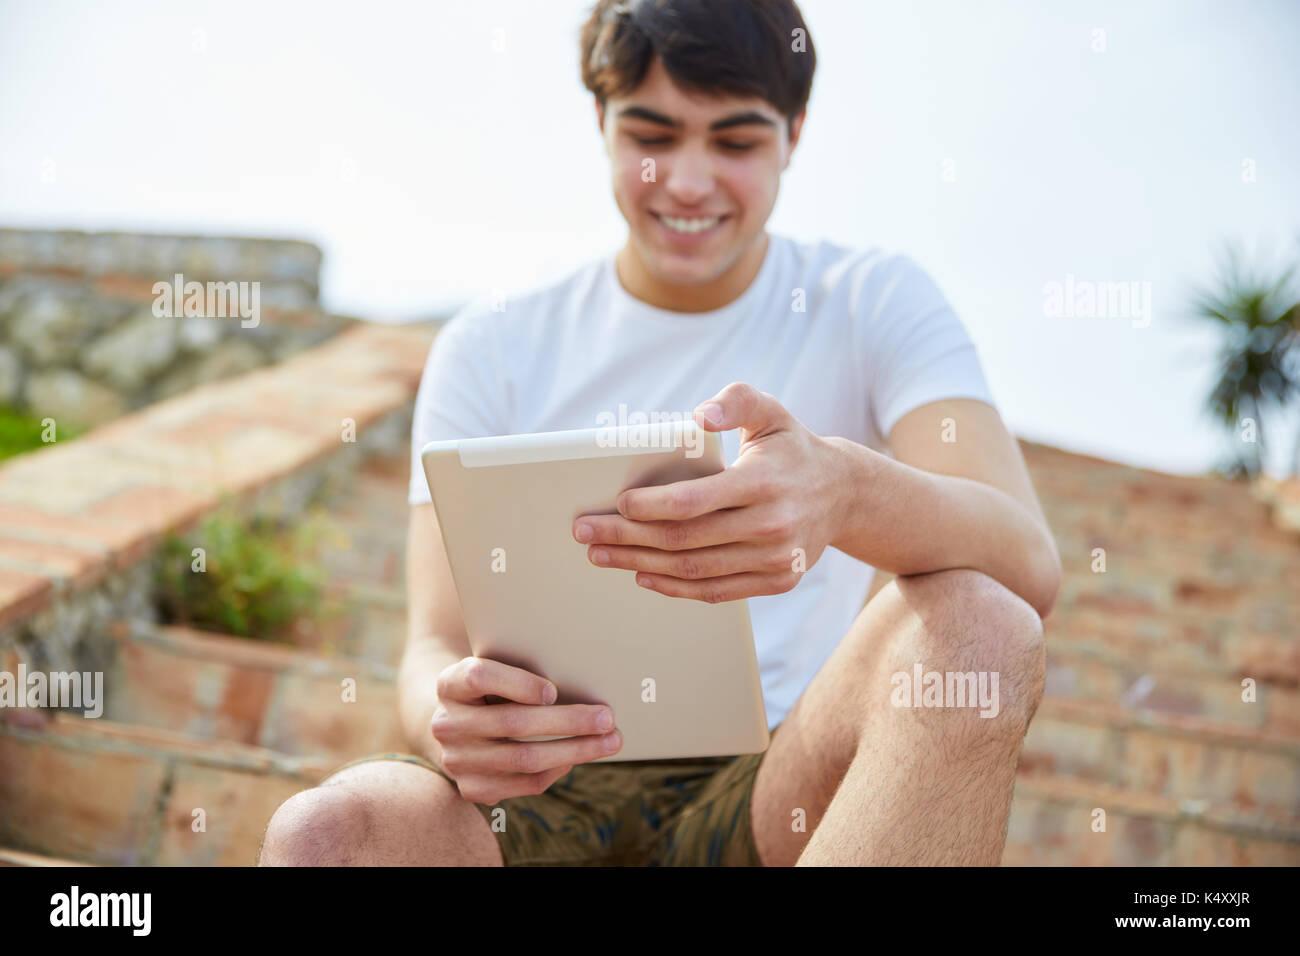 Retrato de joven feliz hombre sentado en las escaleras fuera de uso de tablet Imagen De Stock